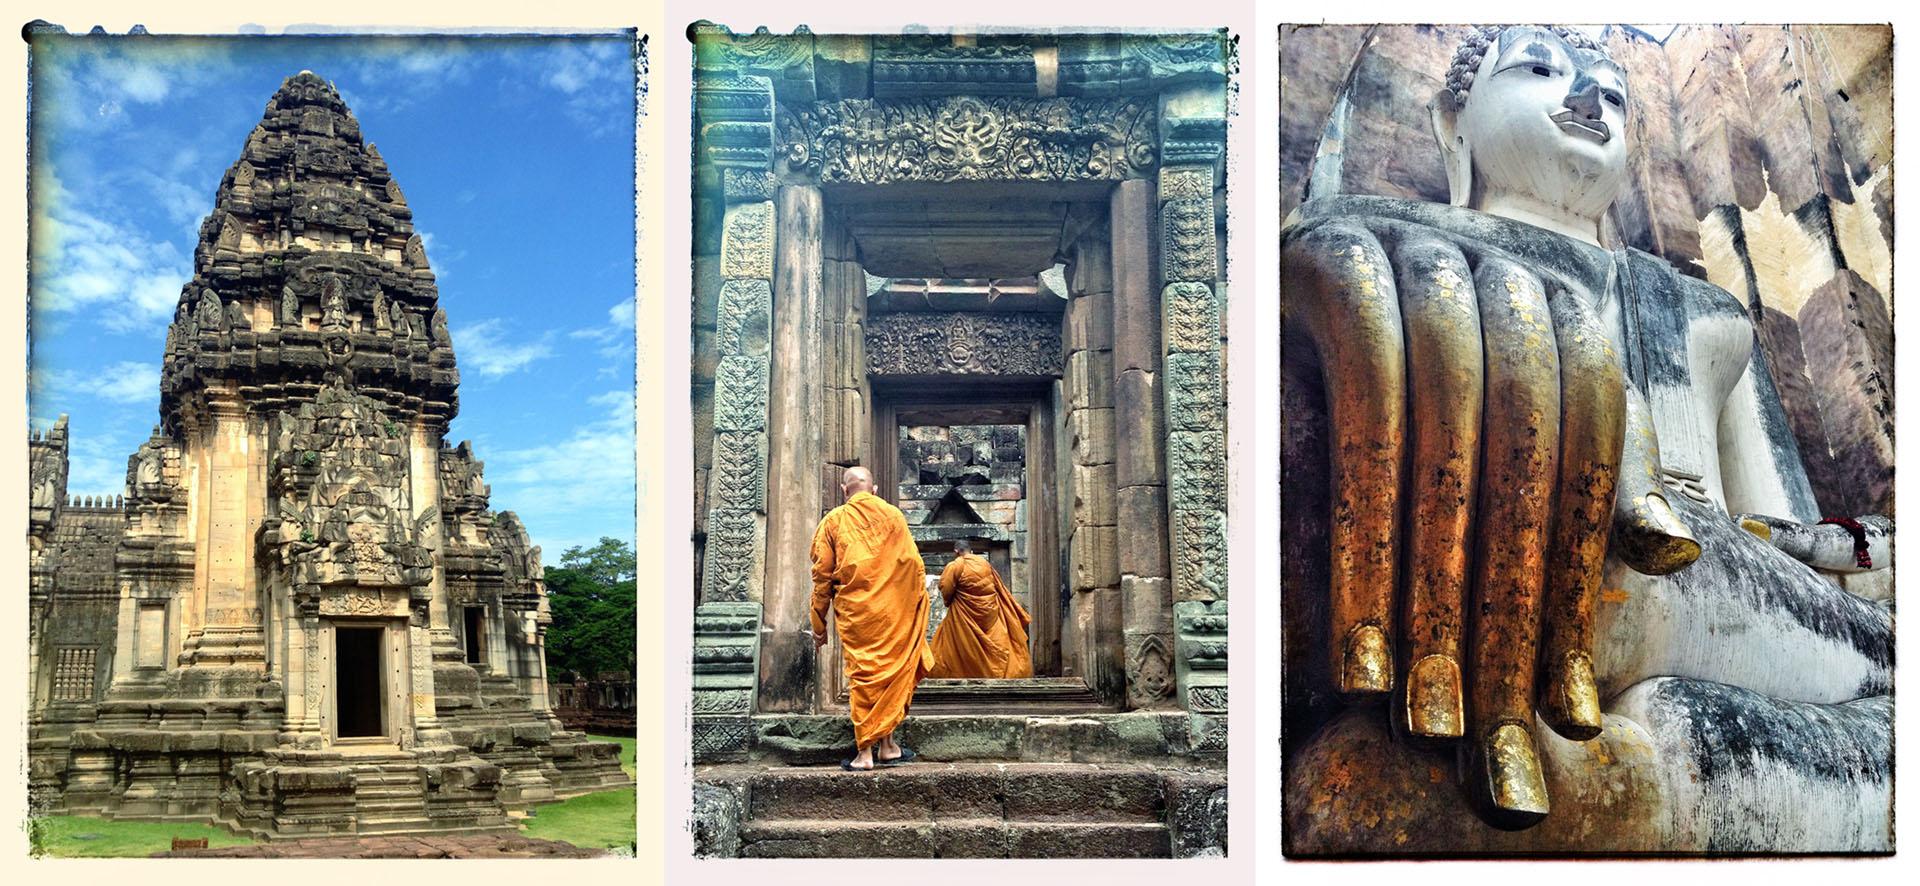 Tailandia ciudades historicas_07